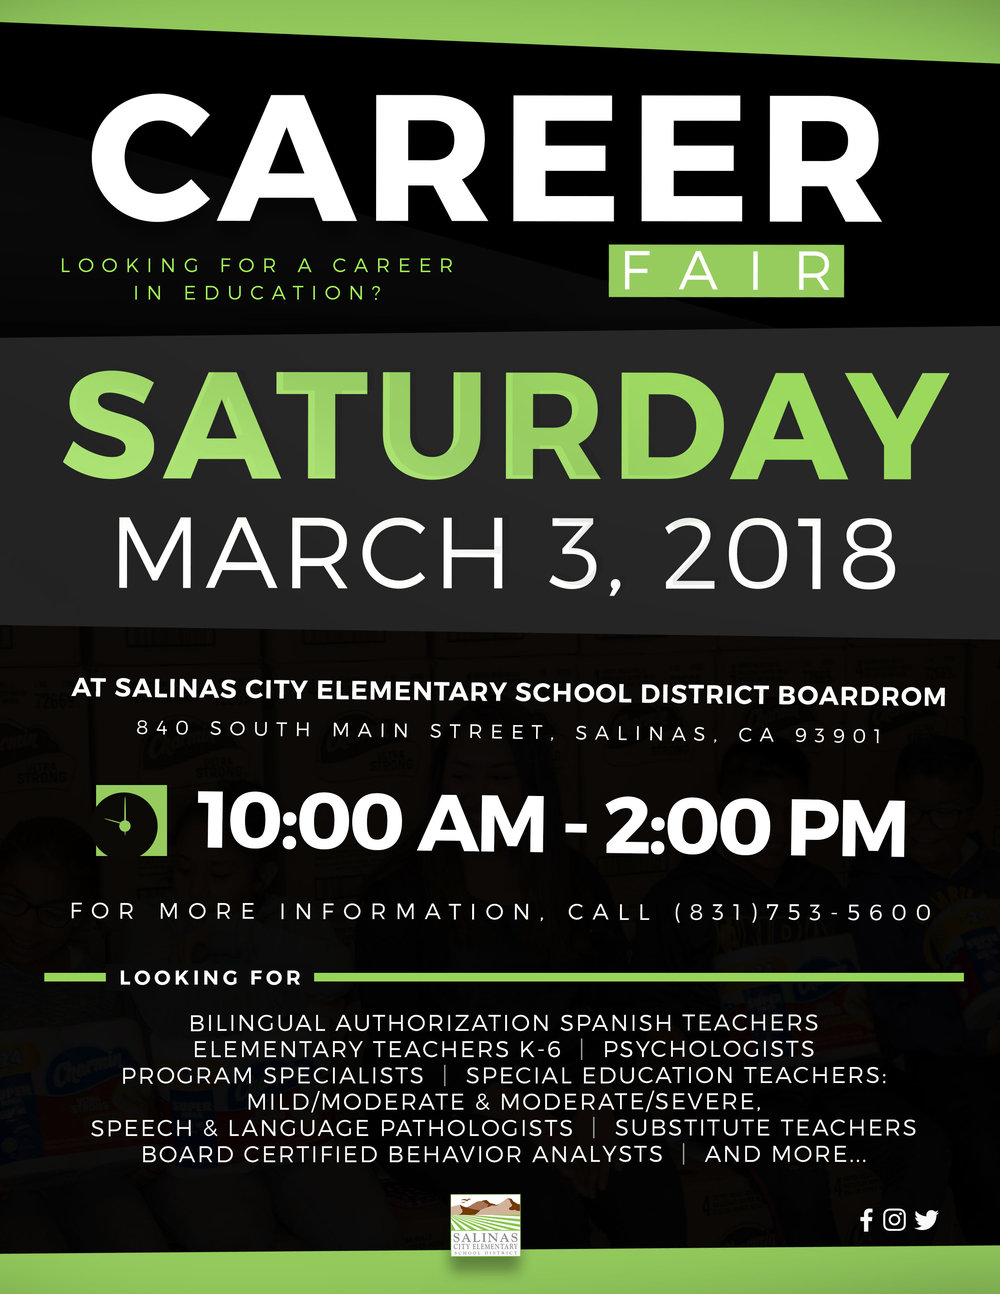 Career-fair-March-2018-LR.jpg